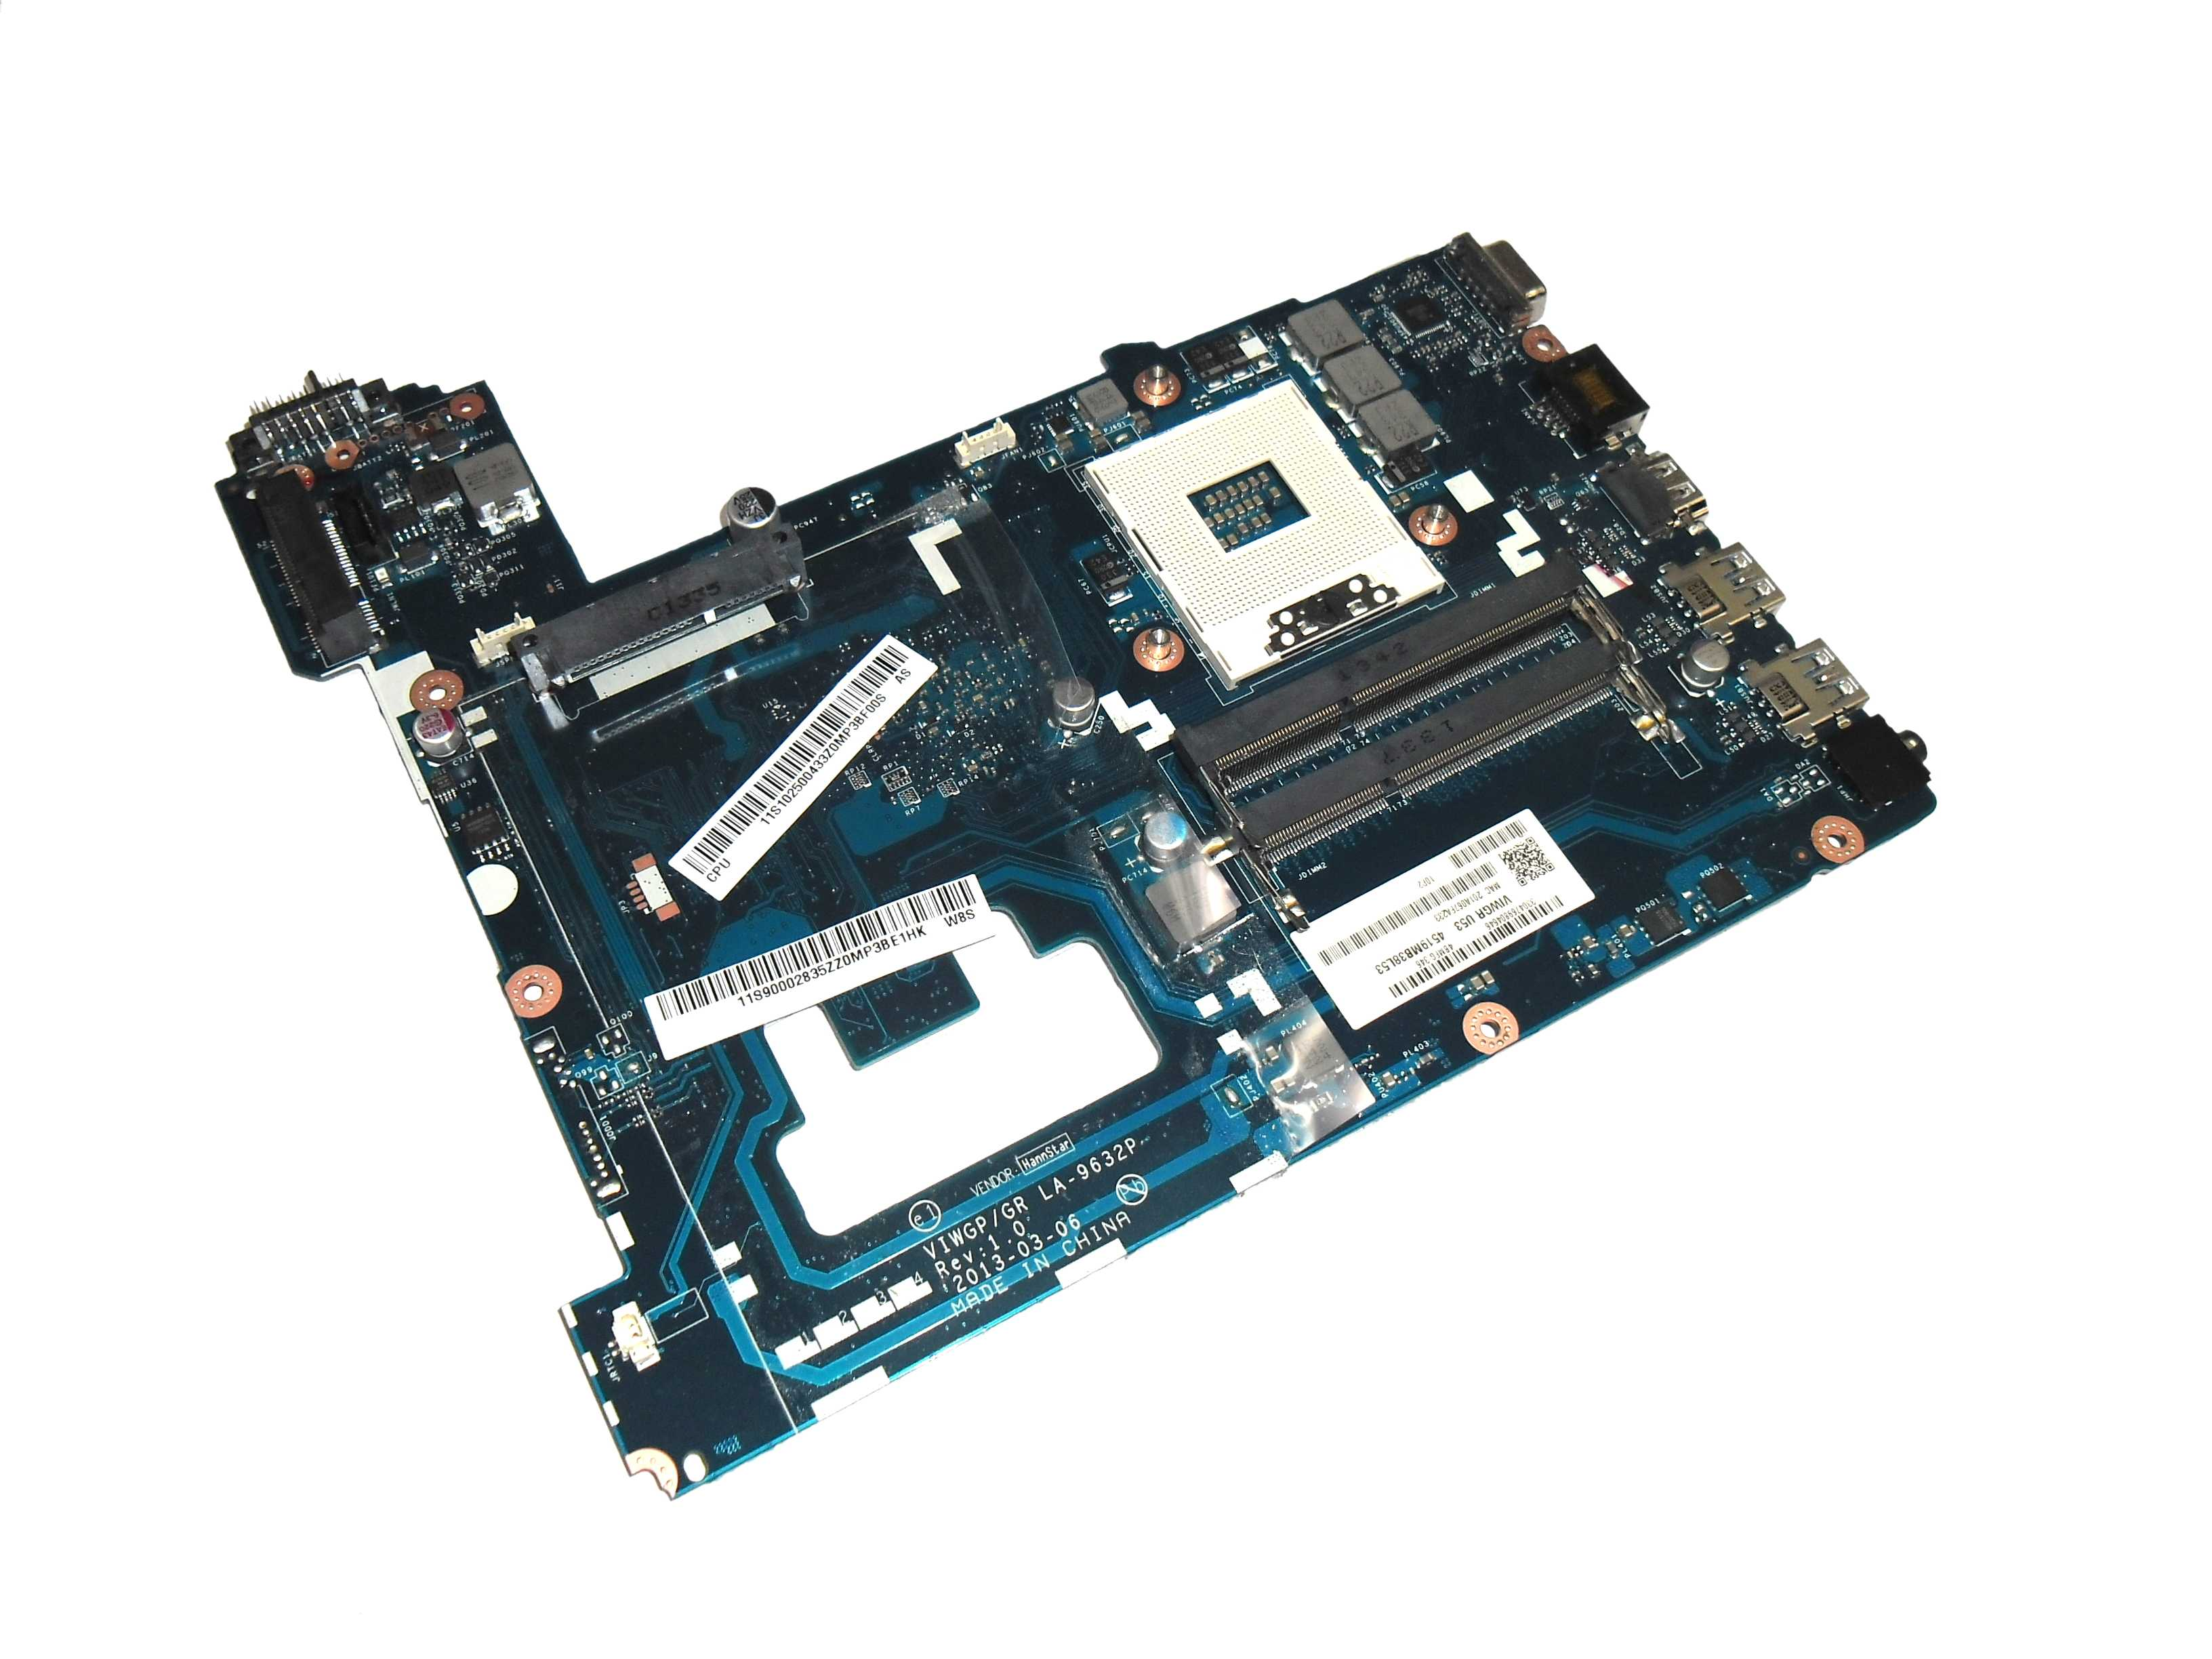 Lenovo 90002838 VIWGP/GR LA-9632P G500 Socket rPGA989 Laptop Motherboard